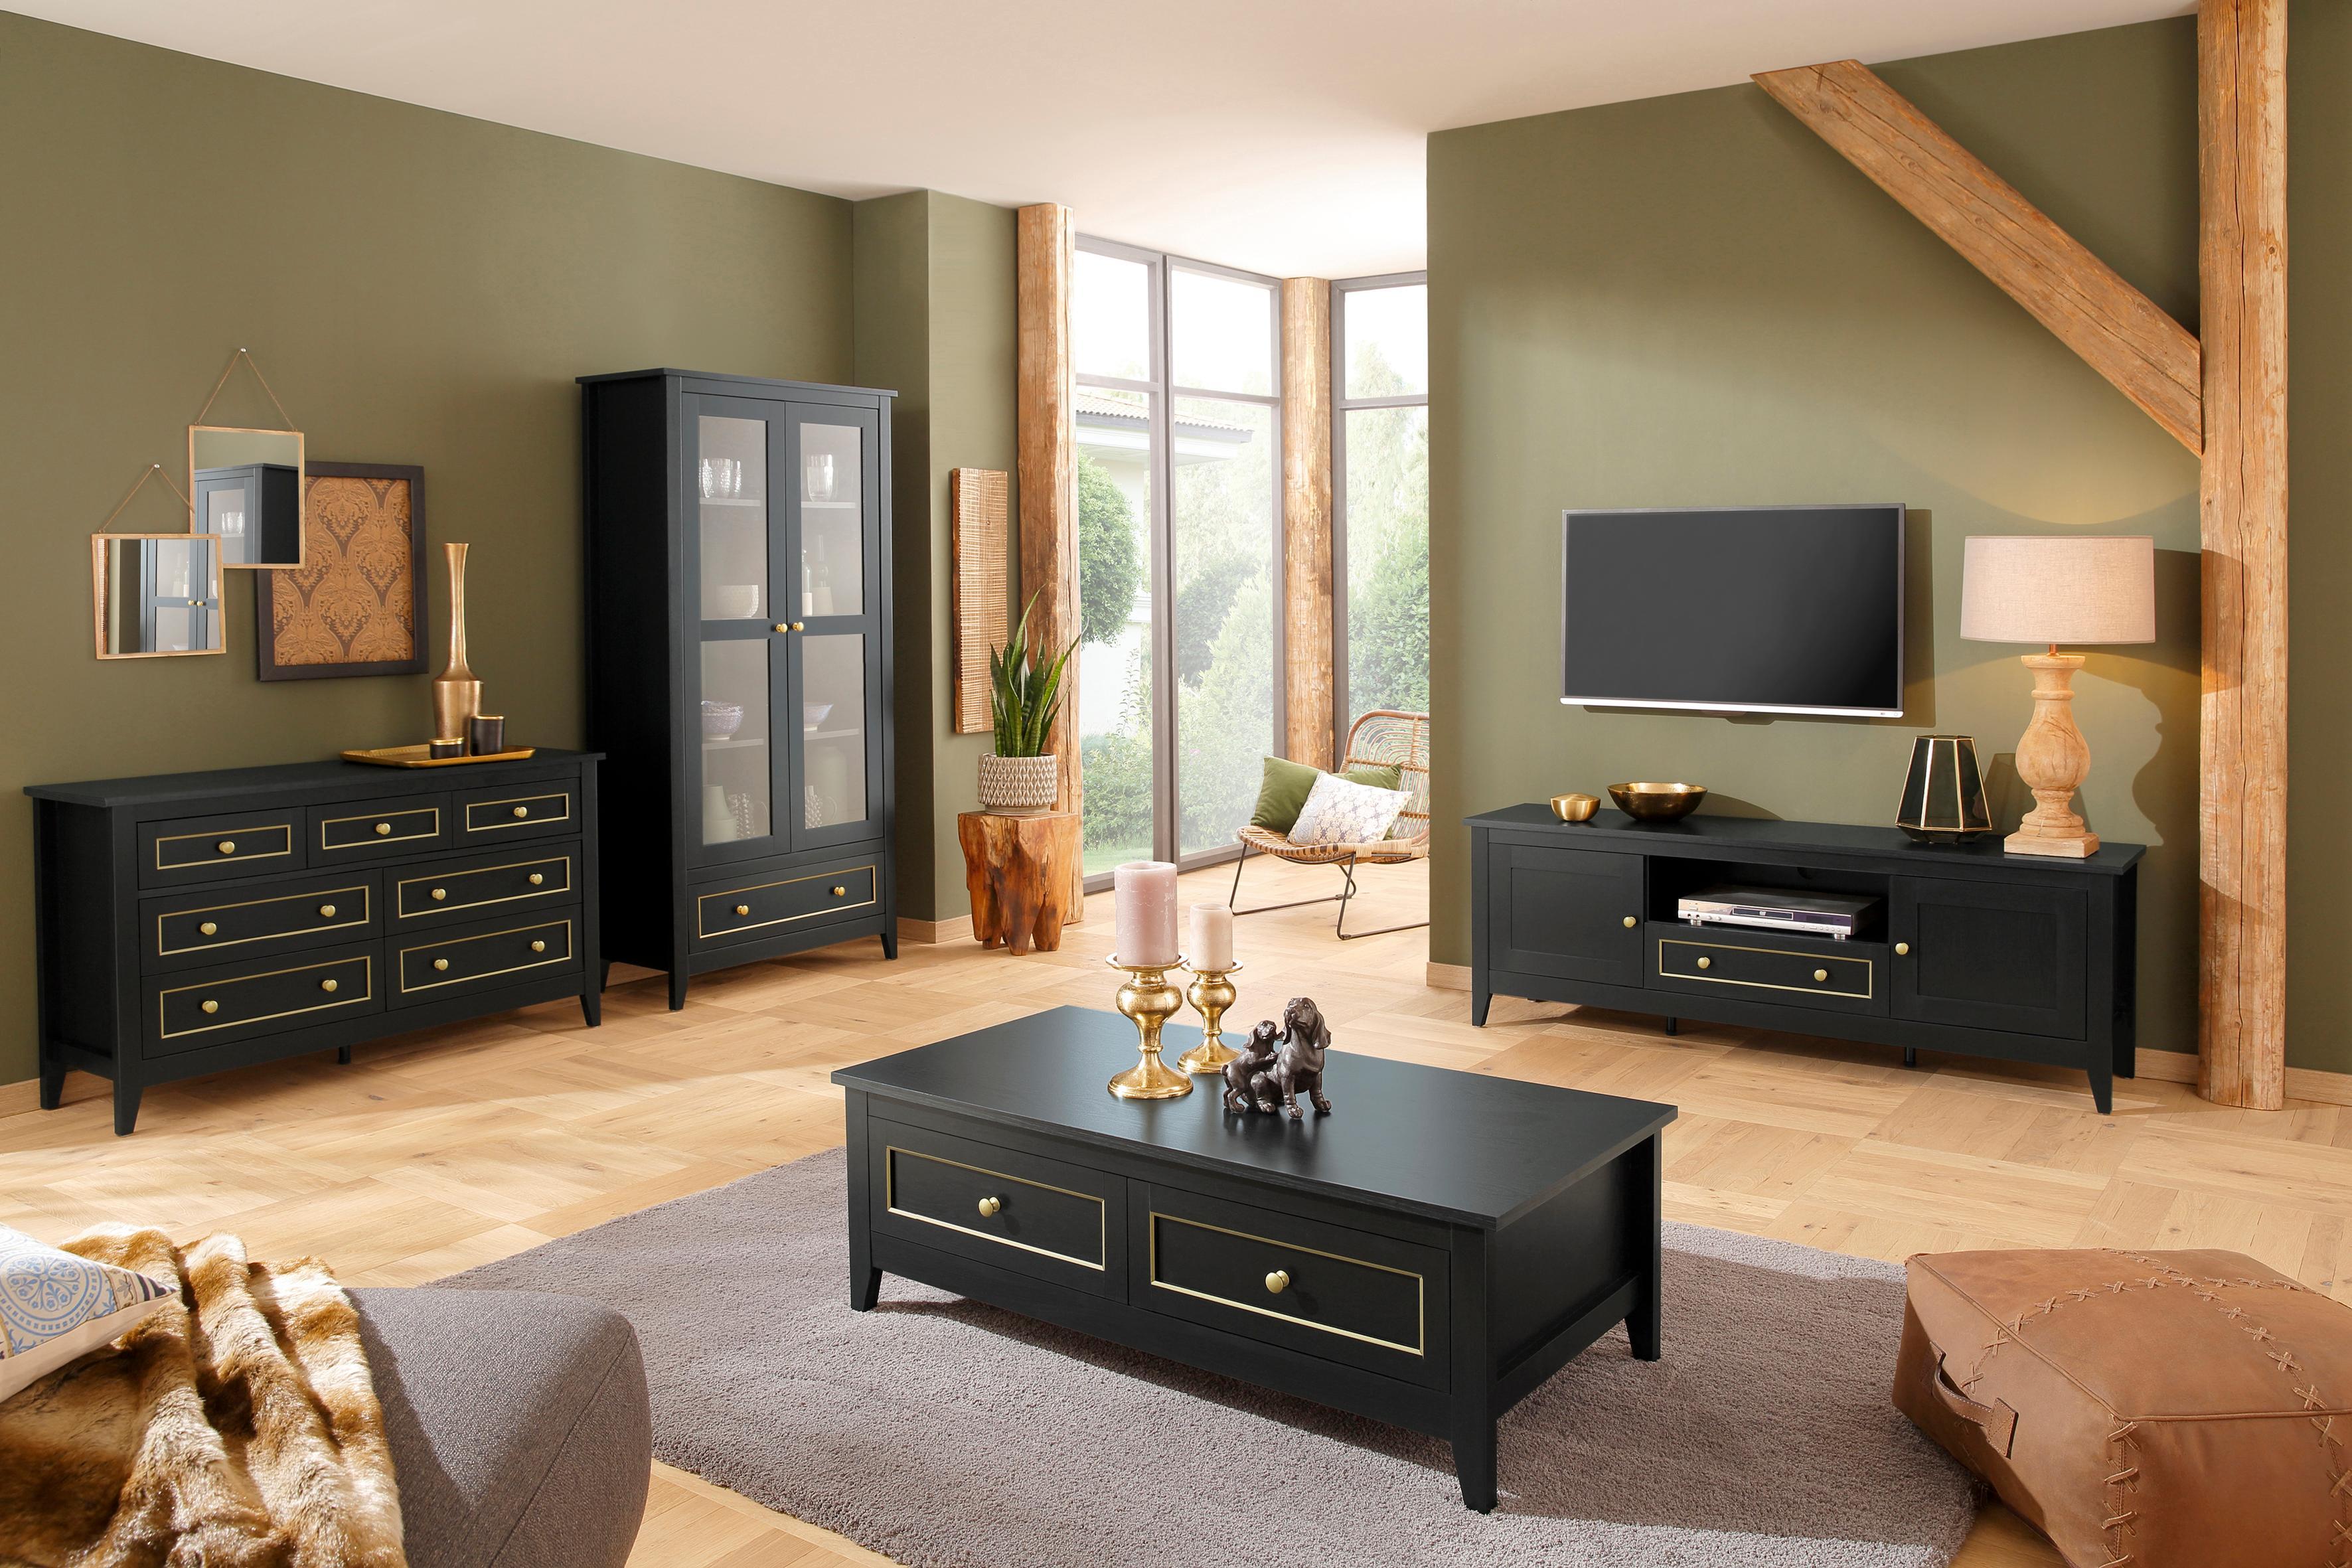 Kommode Victoria 3 kleine und 4 große Schubladen mit schöner goldener Umrandung Breite 131 cm schwarz